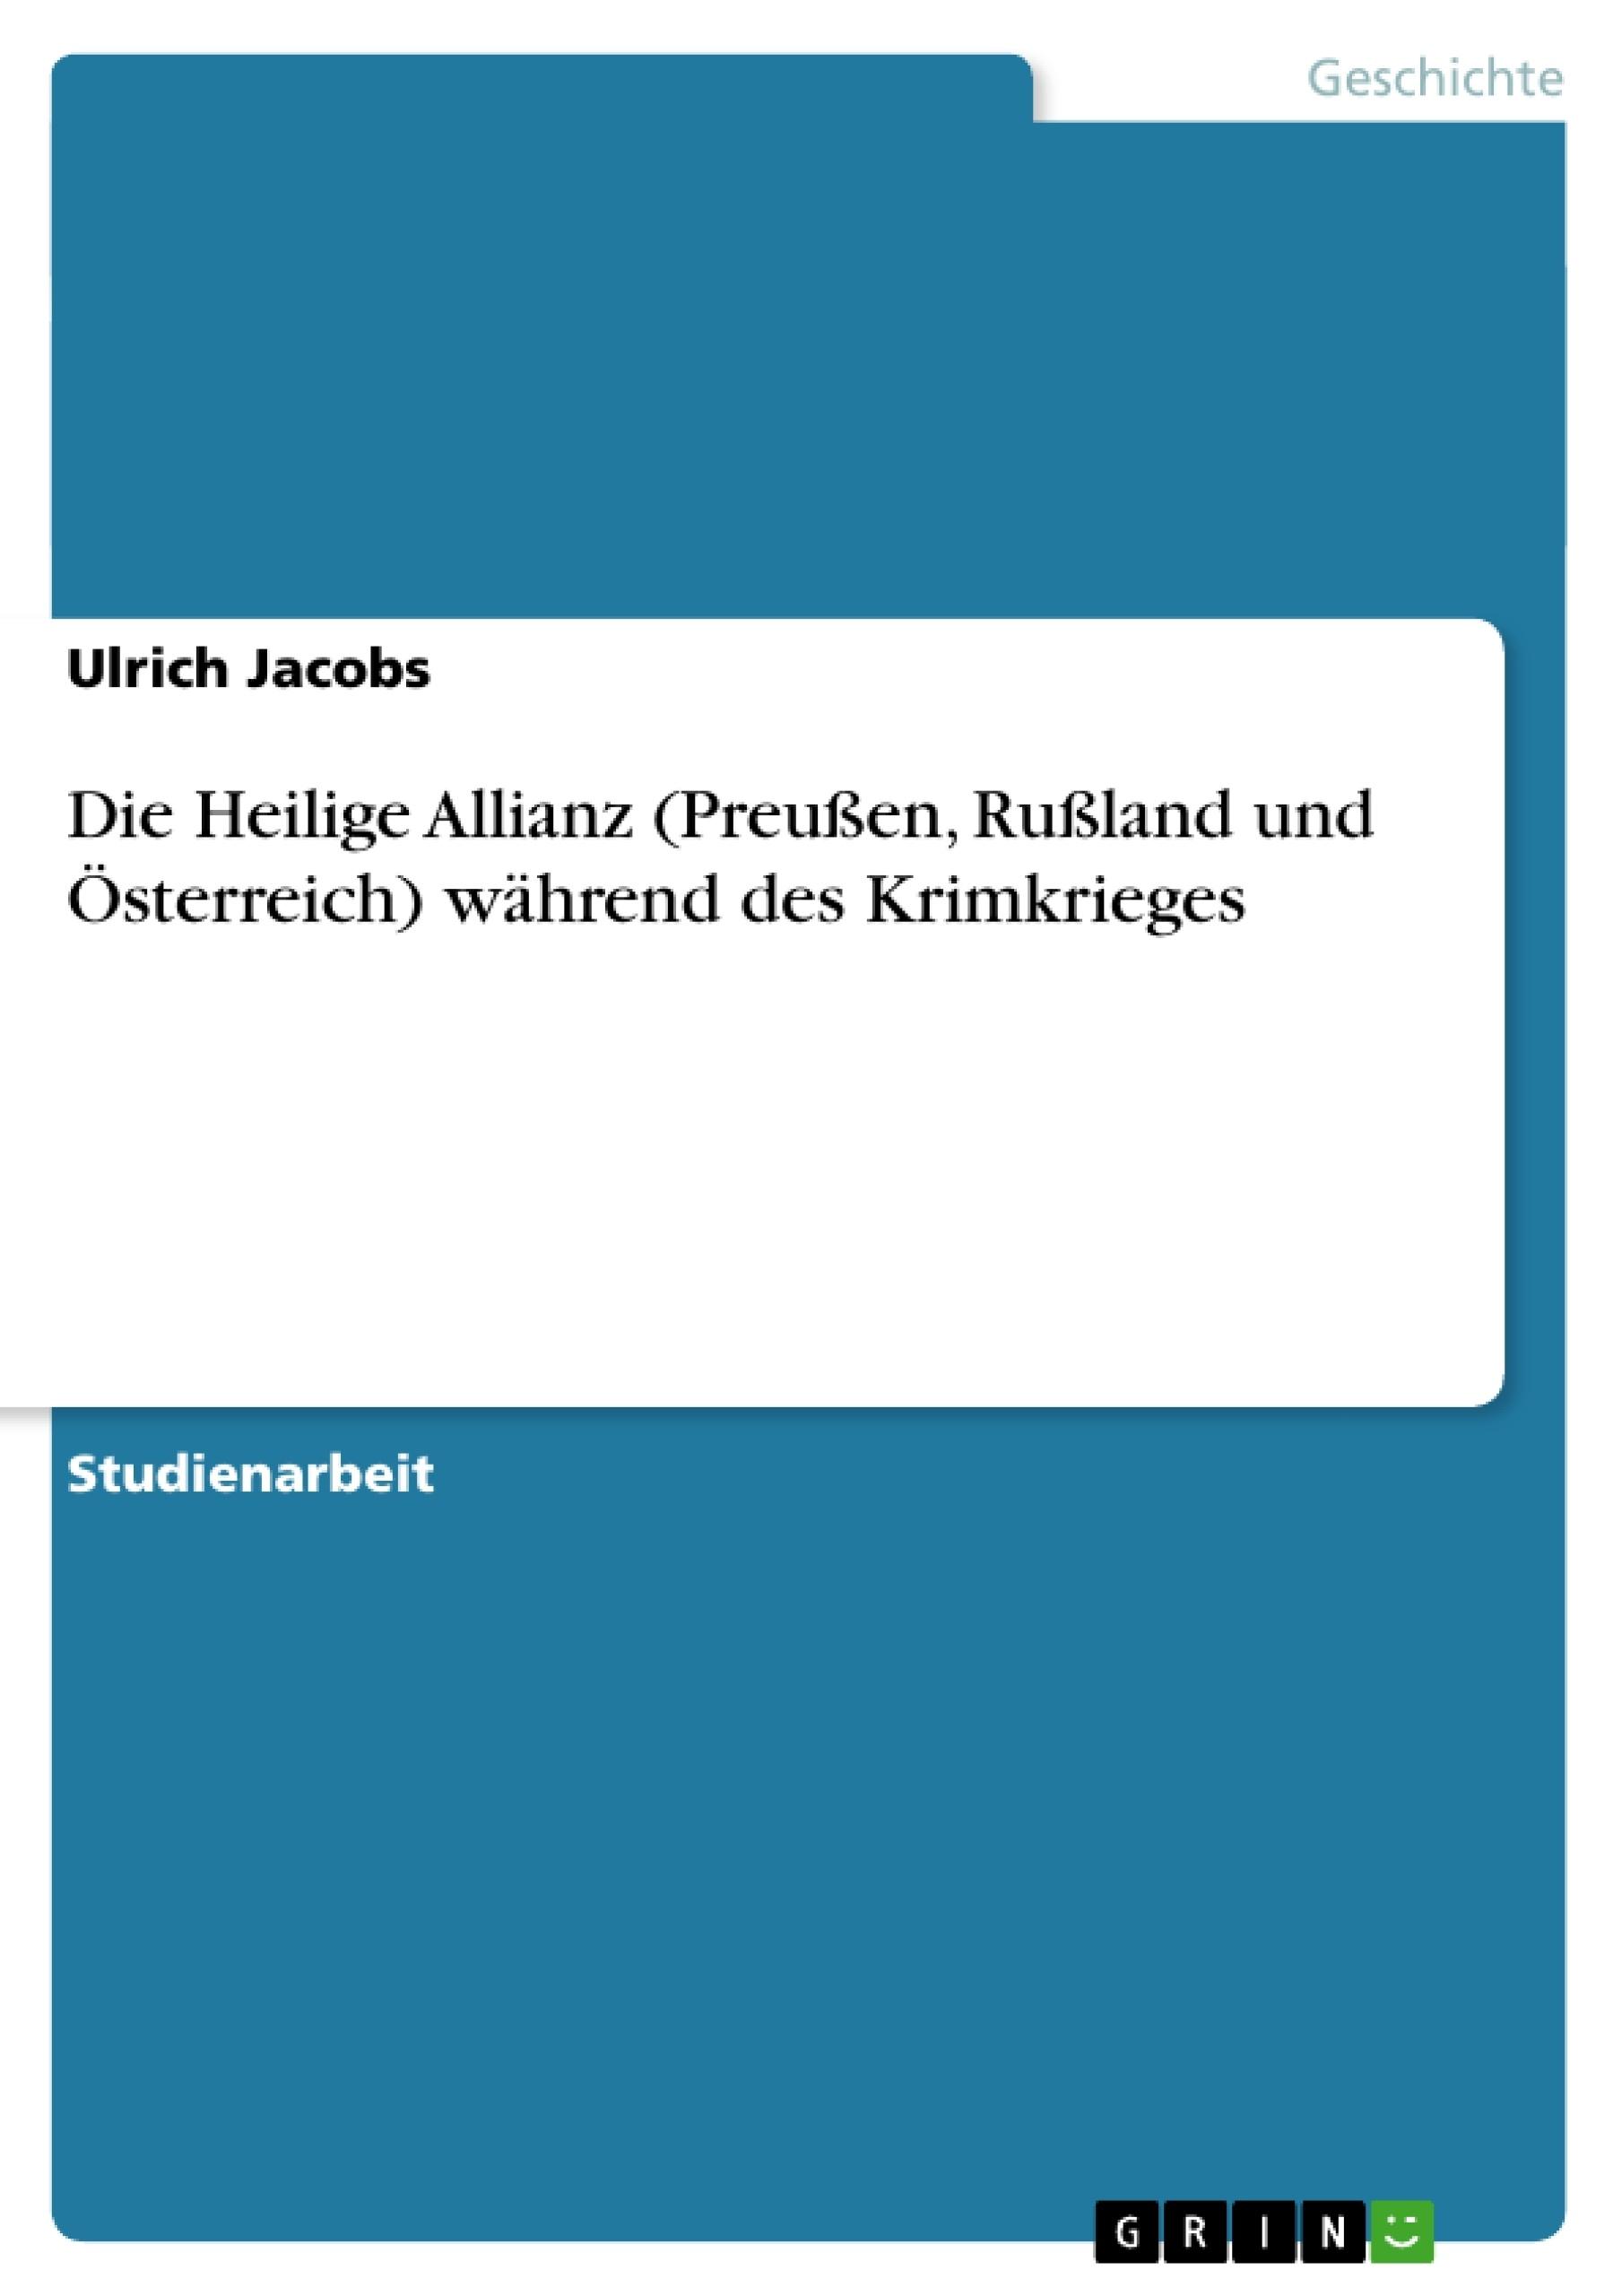 Titel: Die Heilige Allianz (Preußen, Rußland und Österreich) während des Krimkrieges